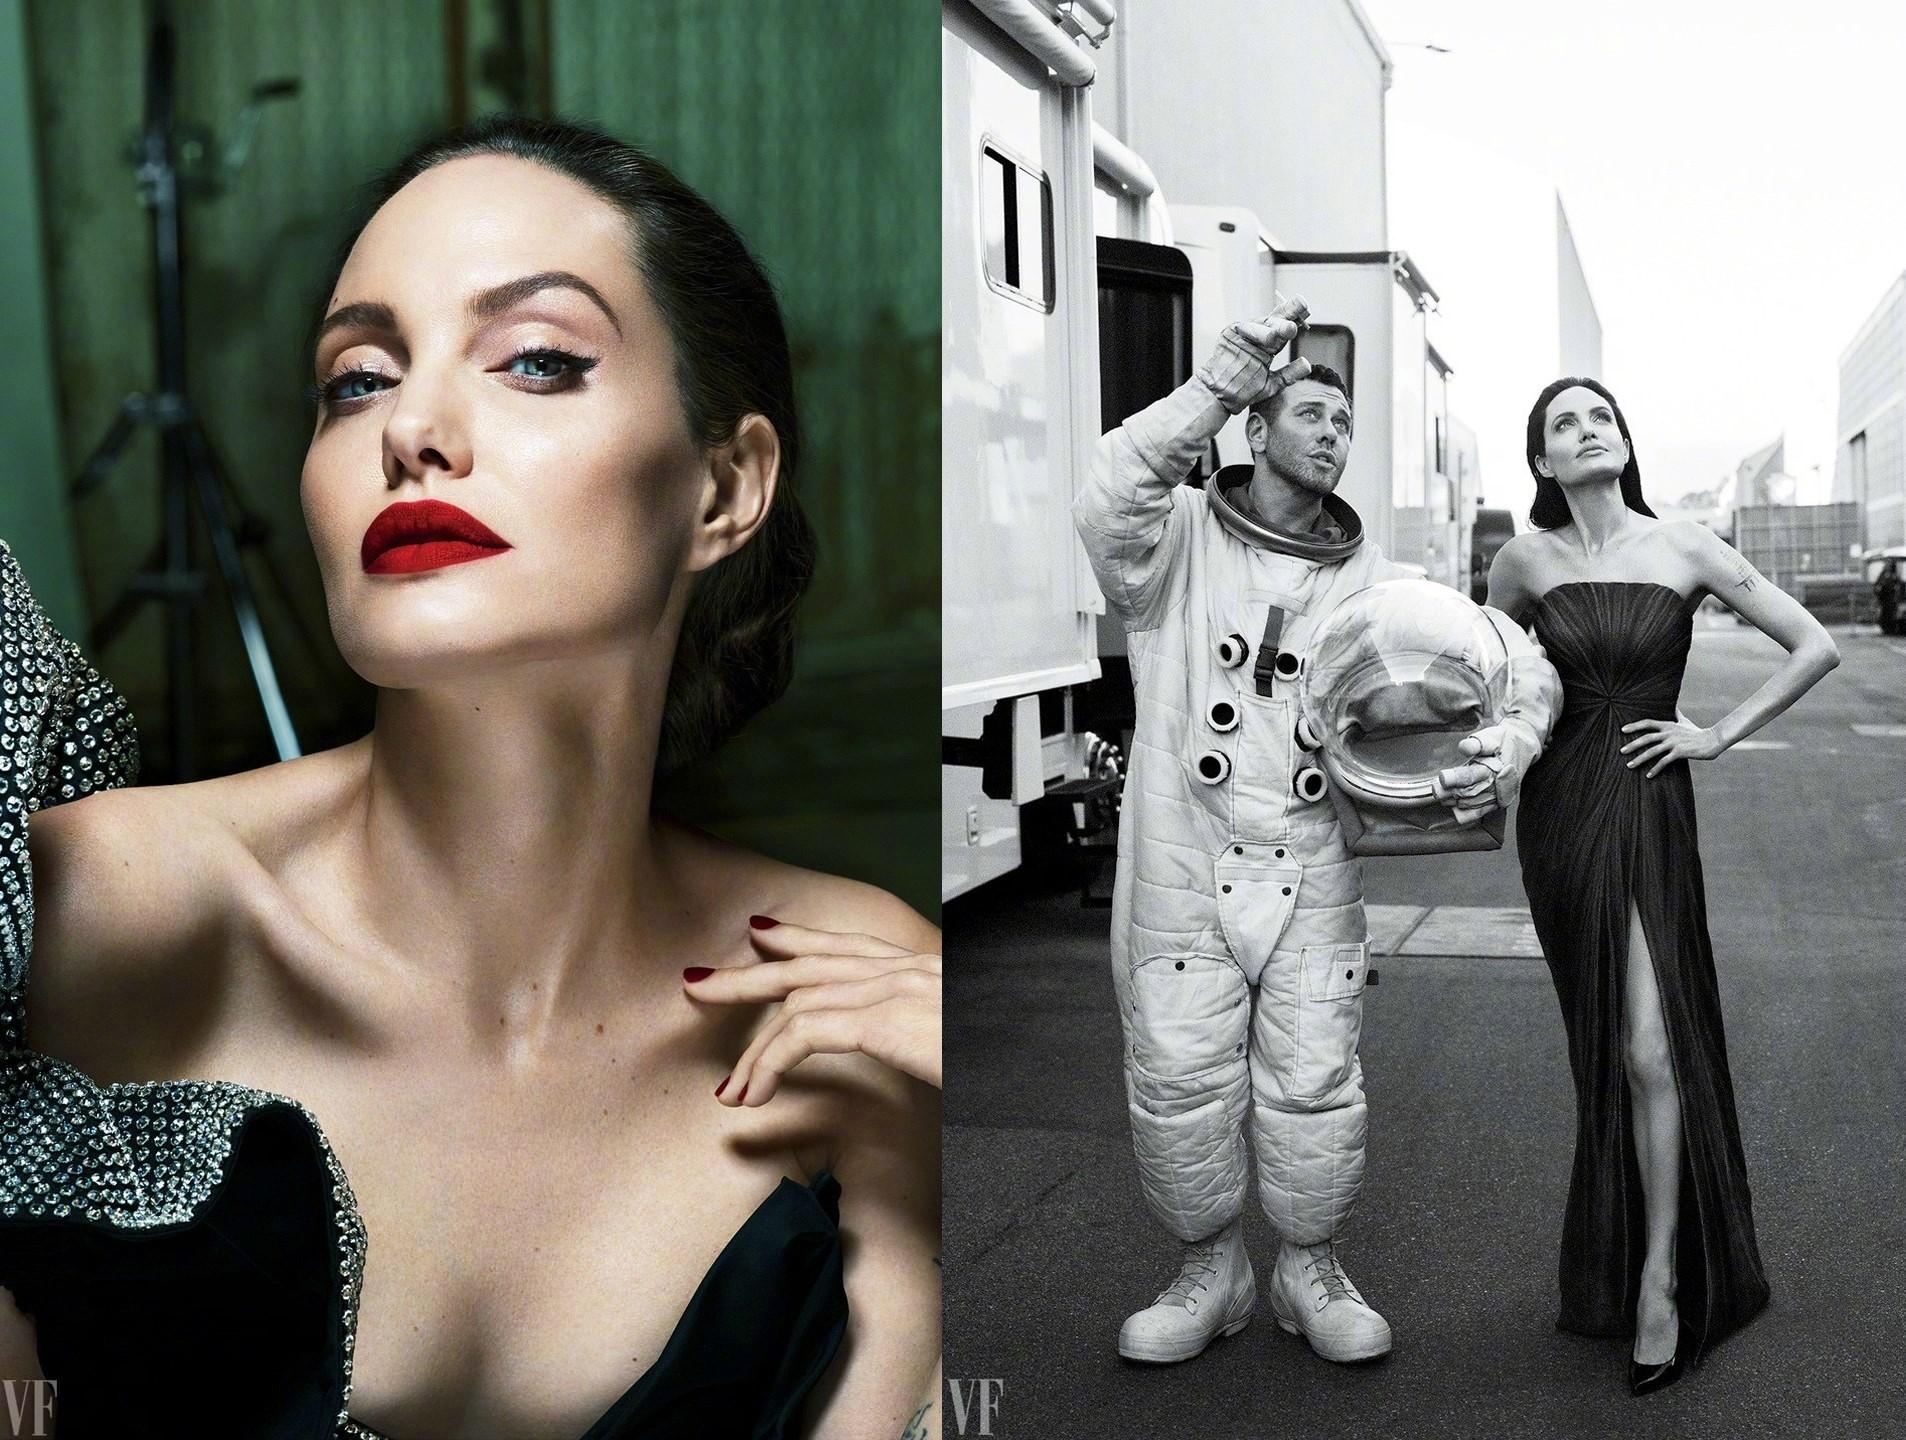 Анжелина Джоли для Vanity Fair September 2017 (9 фото)